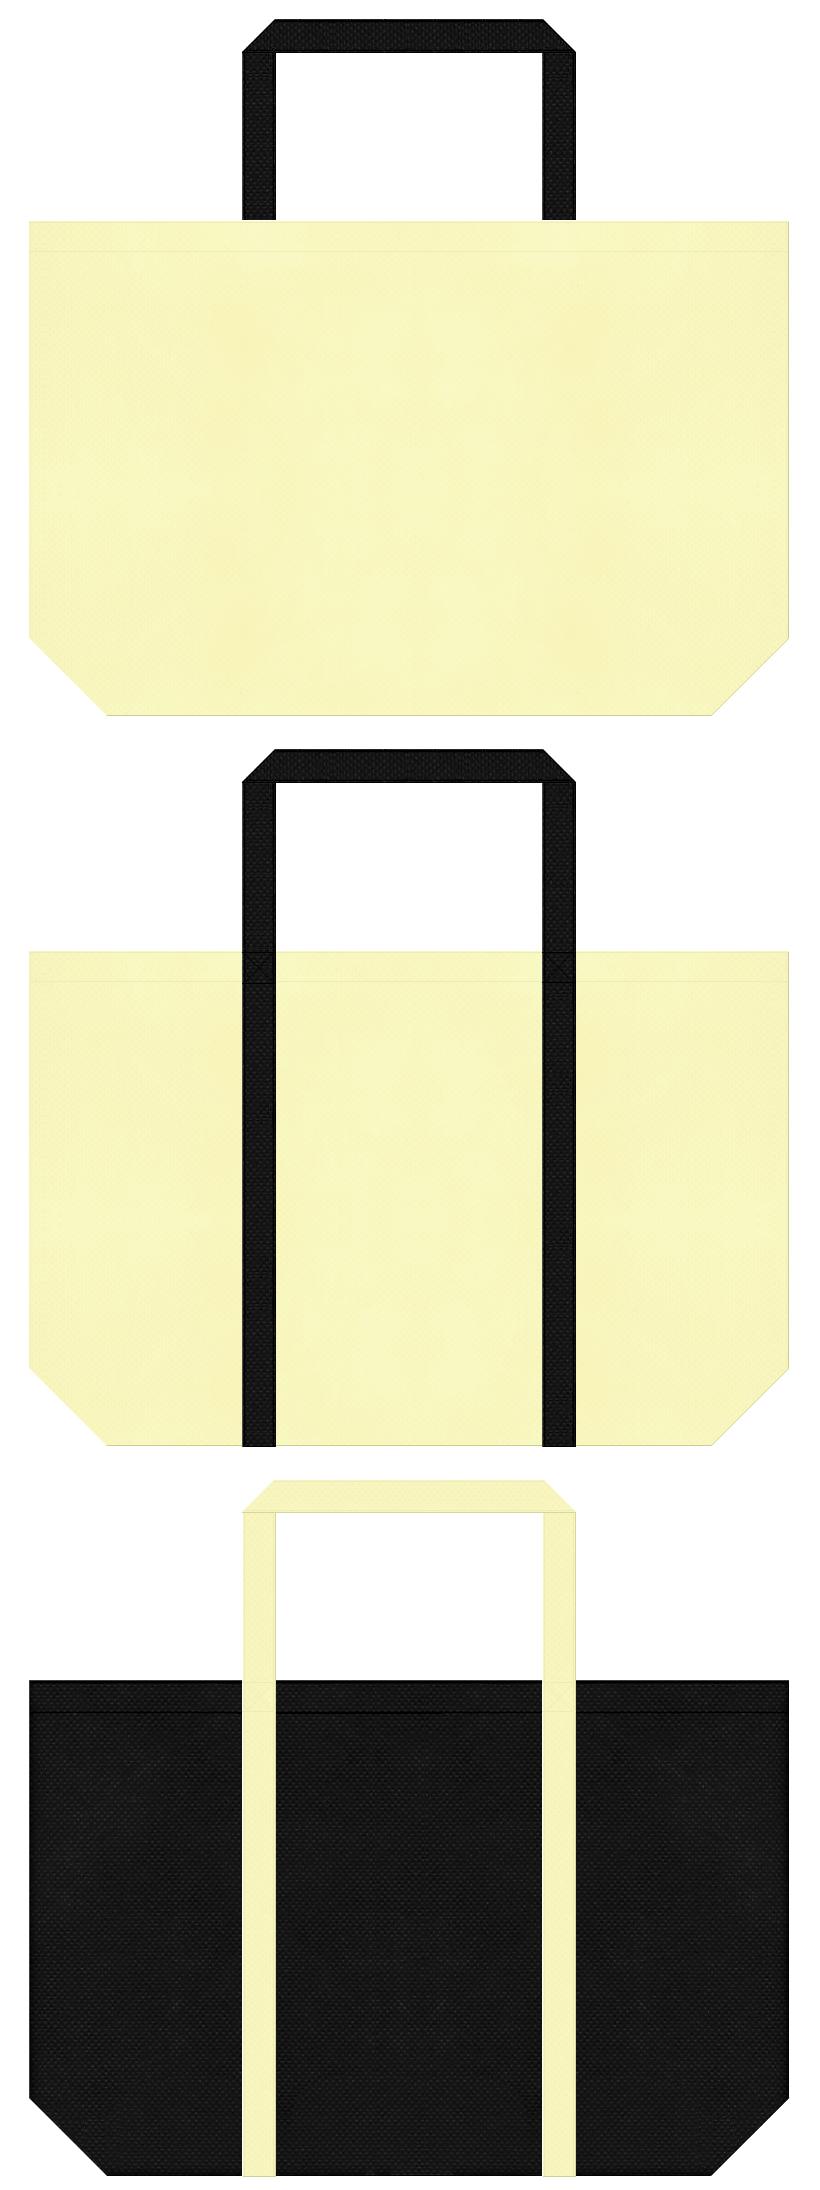 薄黄色と黒色の不織布マイバッグデザイン。